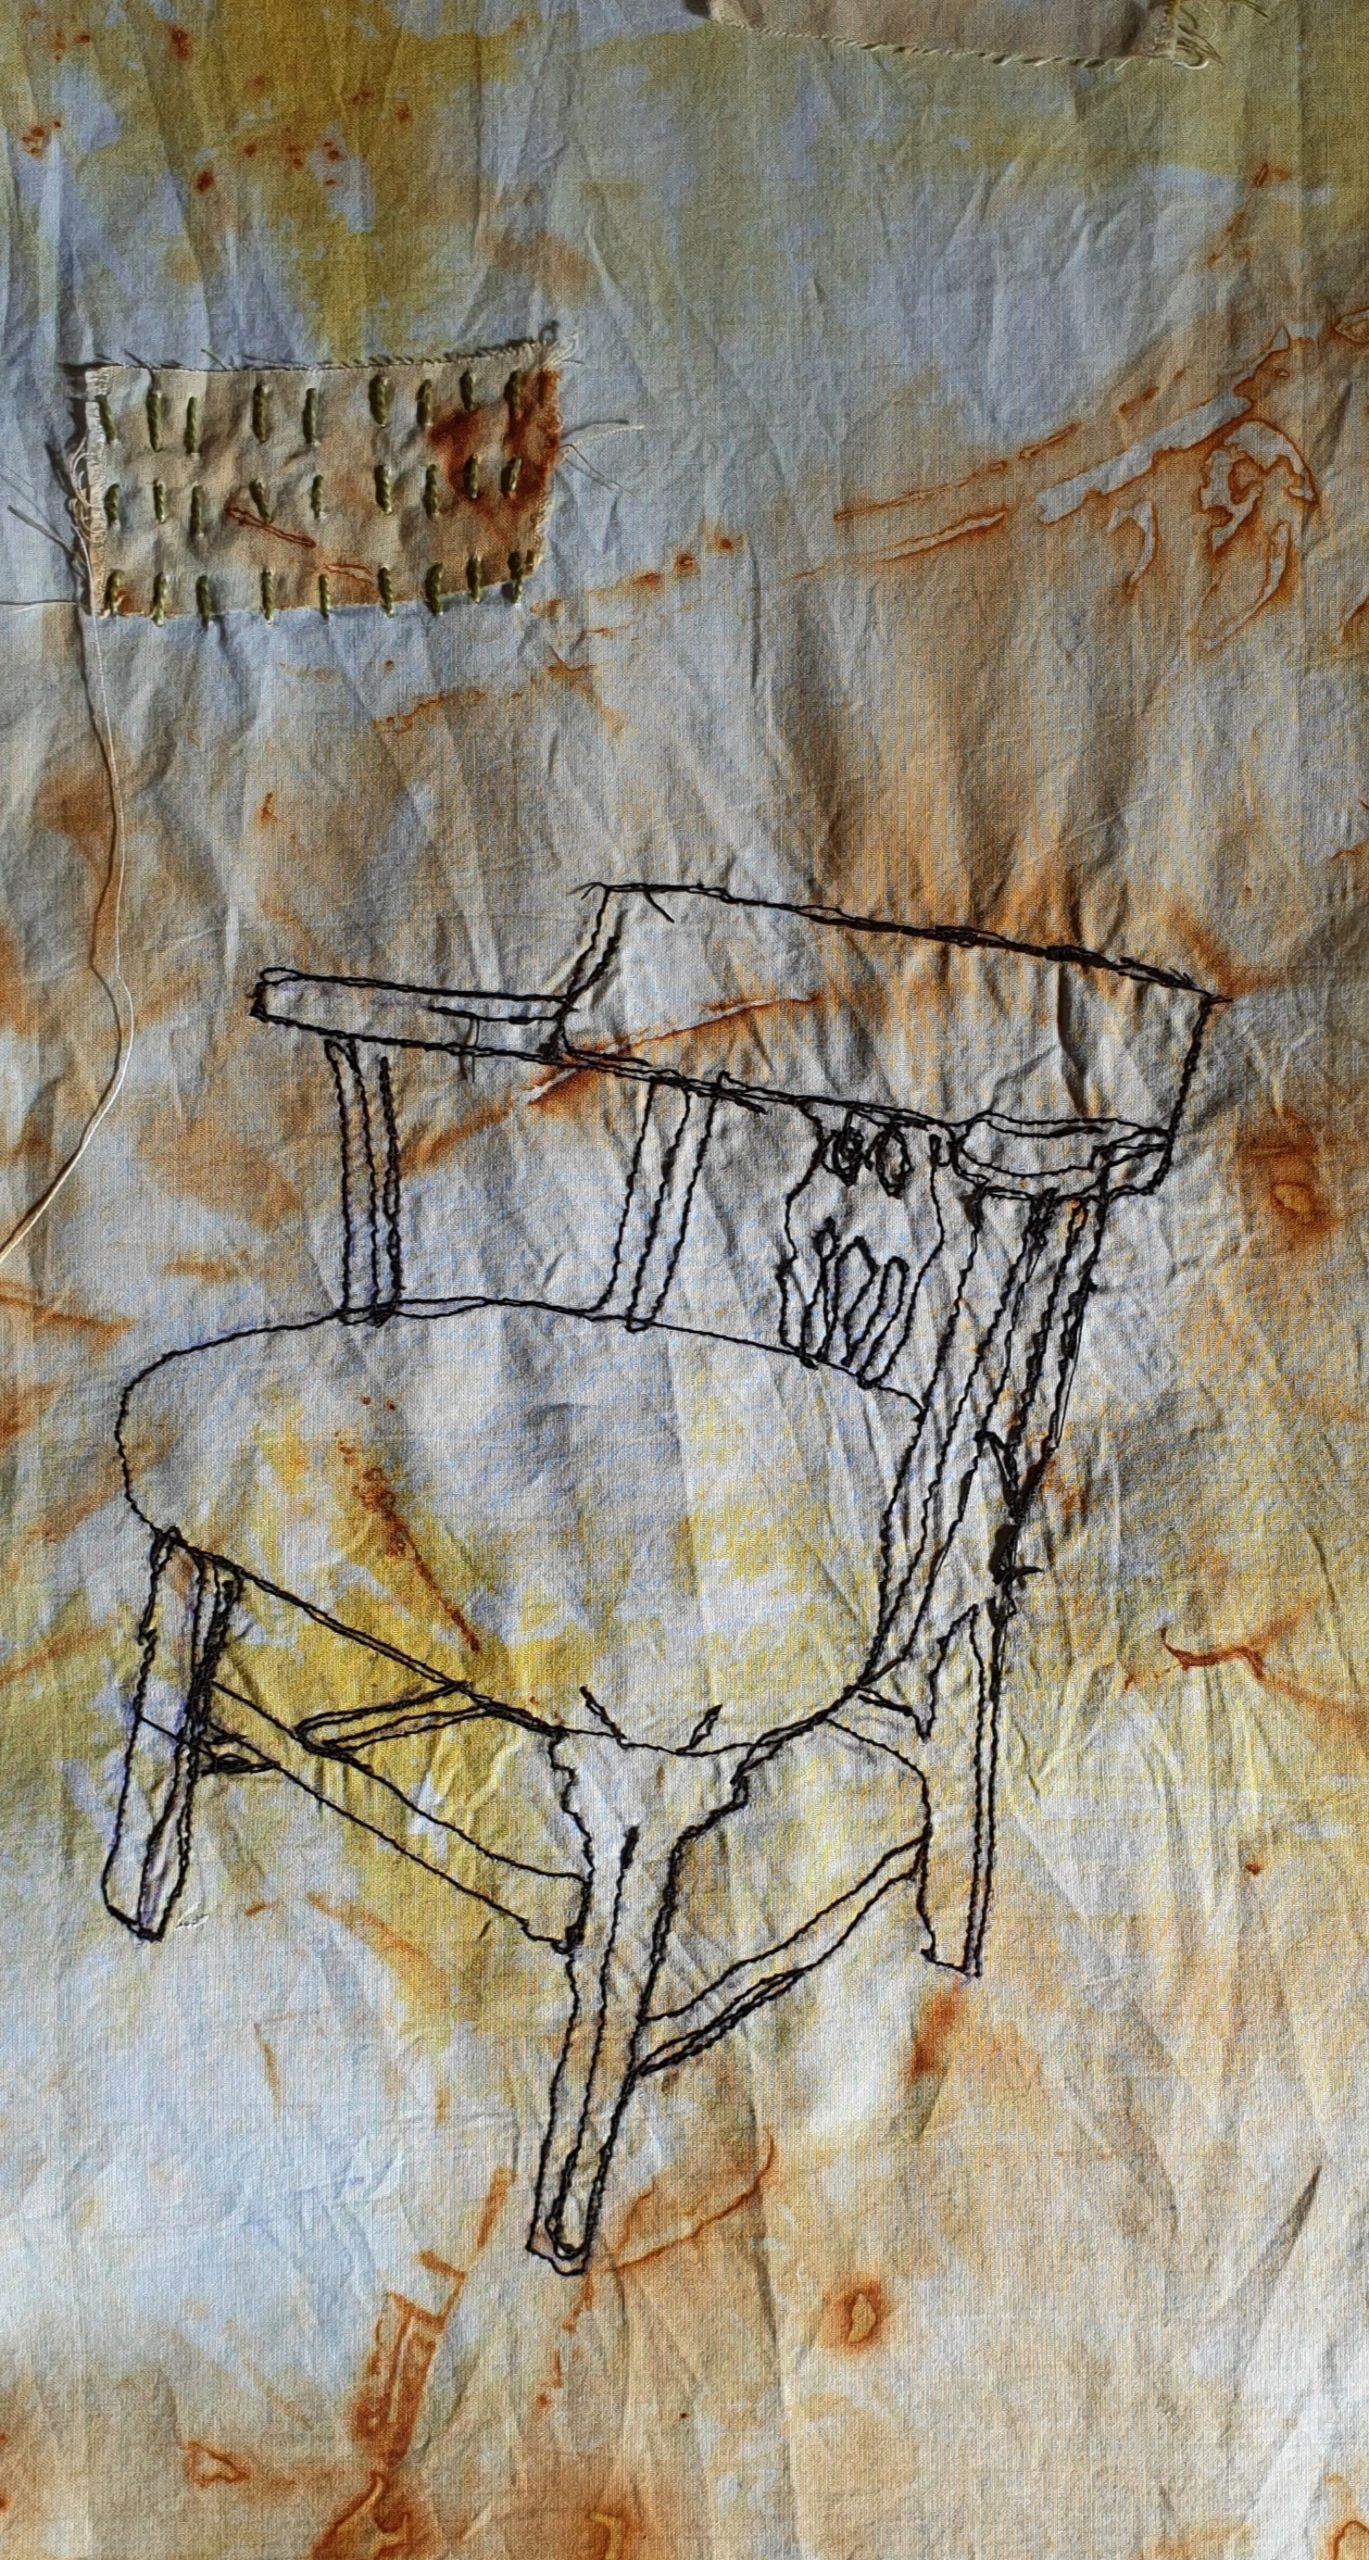 The Chair (detail)| Pauline Kiernan, element15